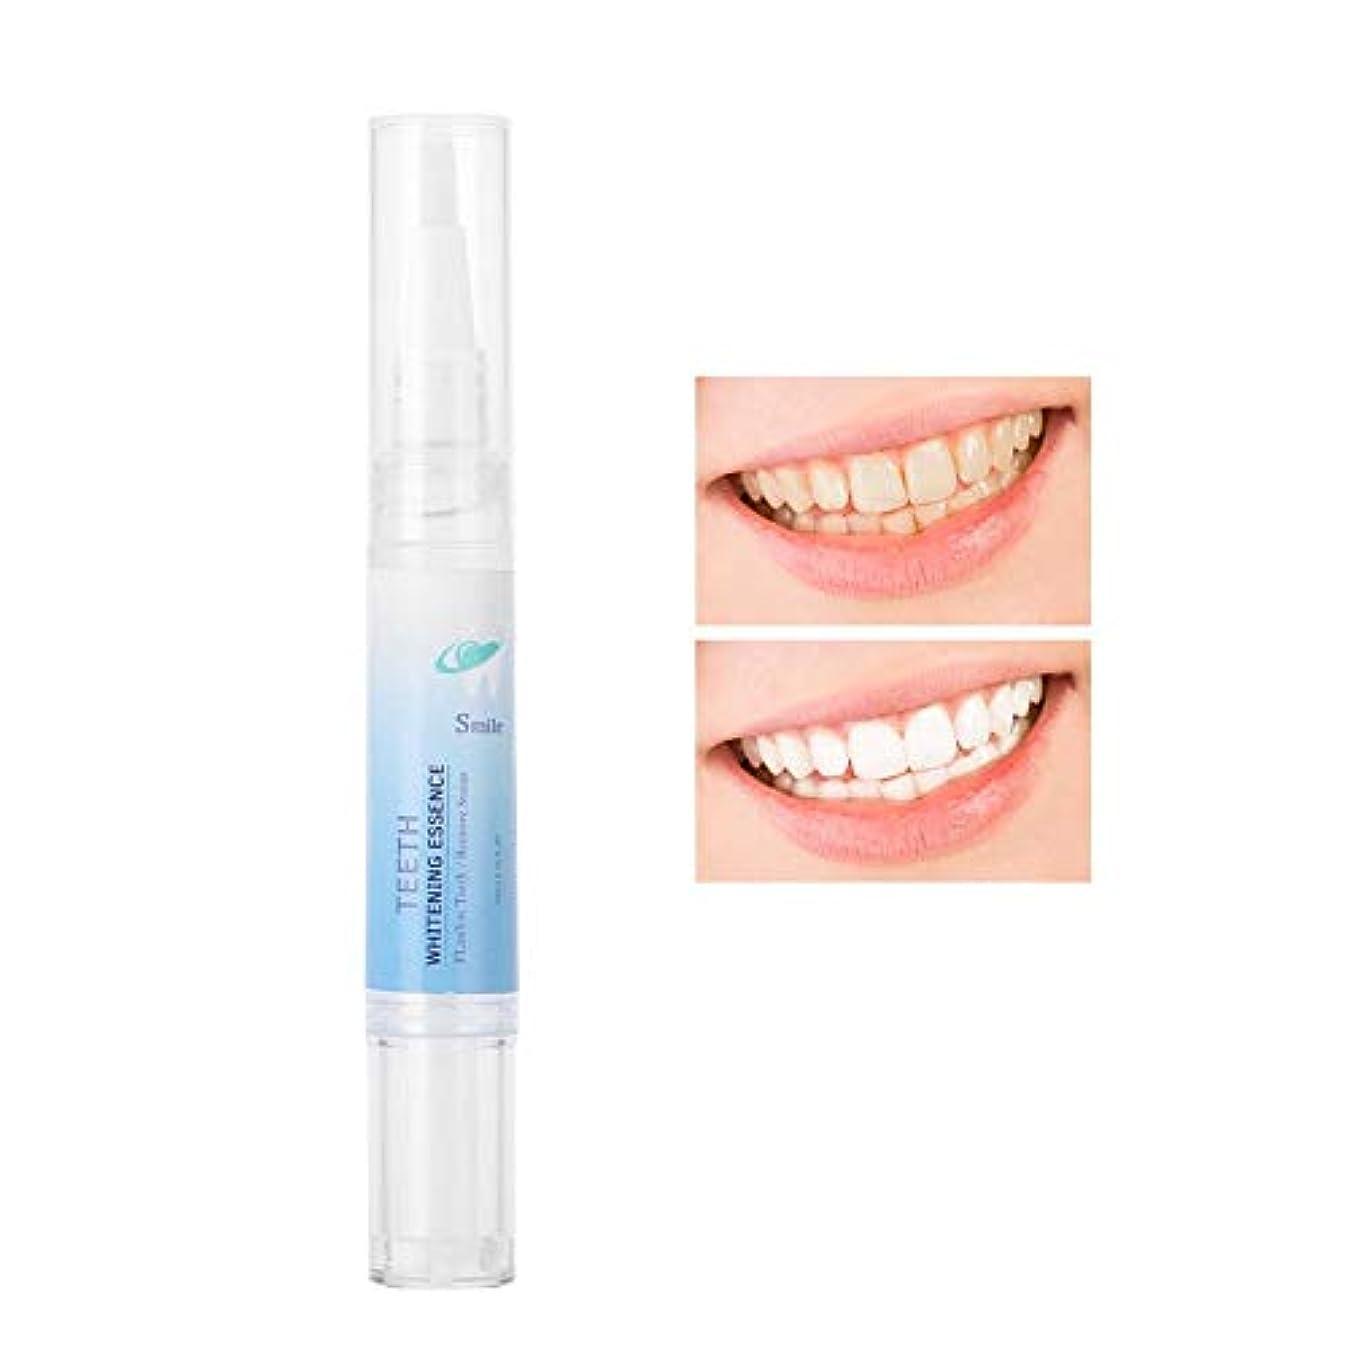 インカ帝国サッカー母歯ホワイトニングペン 歯汚れのリムーバー 歯を白くする美白歯磨き